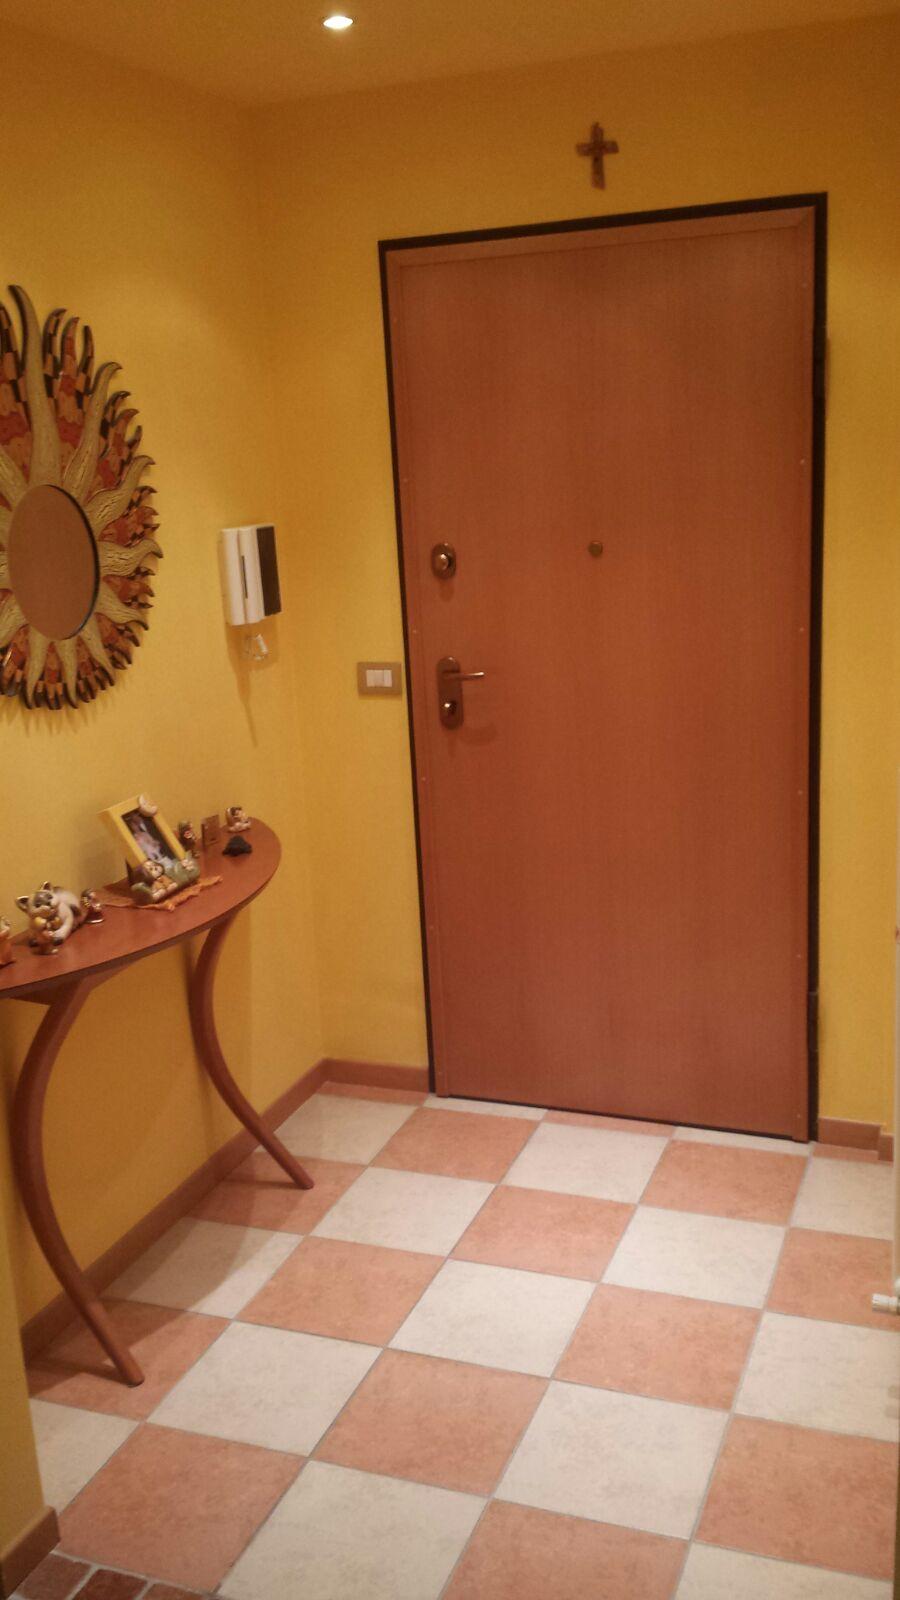 Appartamento in vendita a Ascoli Piceno, 6 locali, zona Zona: Monticelli, prezzo € 143.000 | Cambio Casa.it